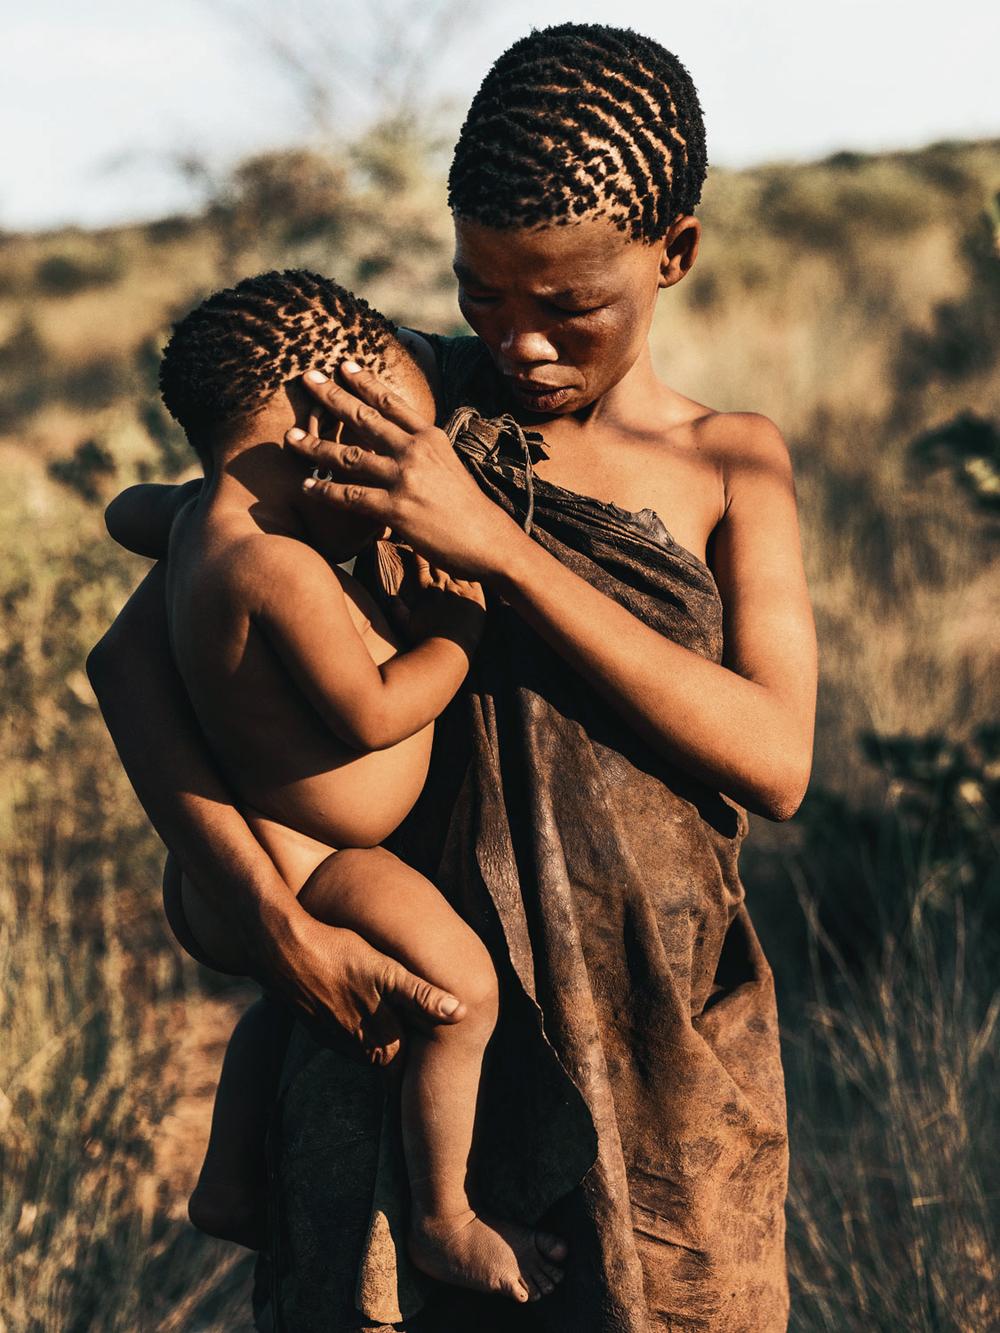 CallieGiovanna_Africa_Botswana_Kalahari_20150101_02956.jpg